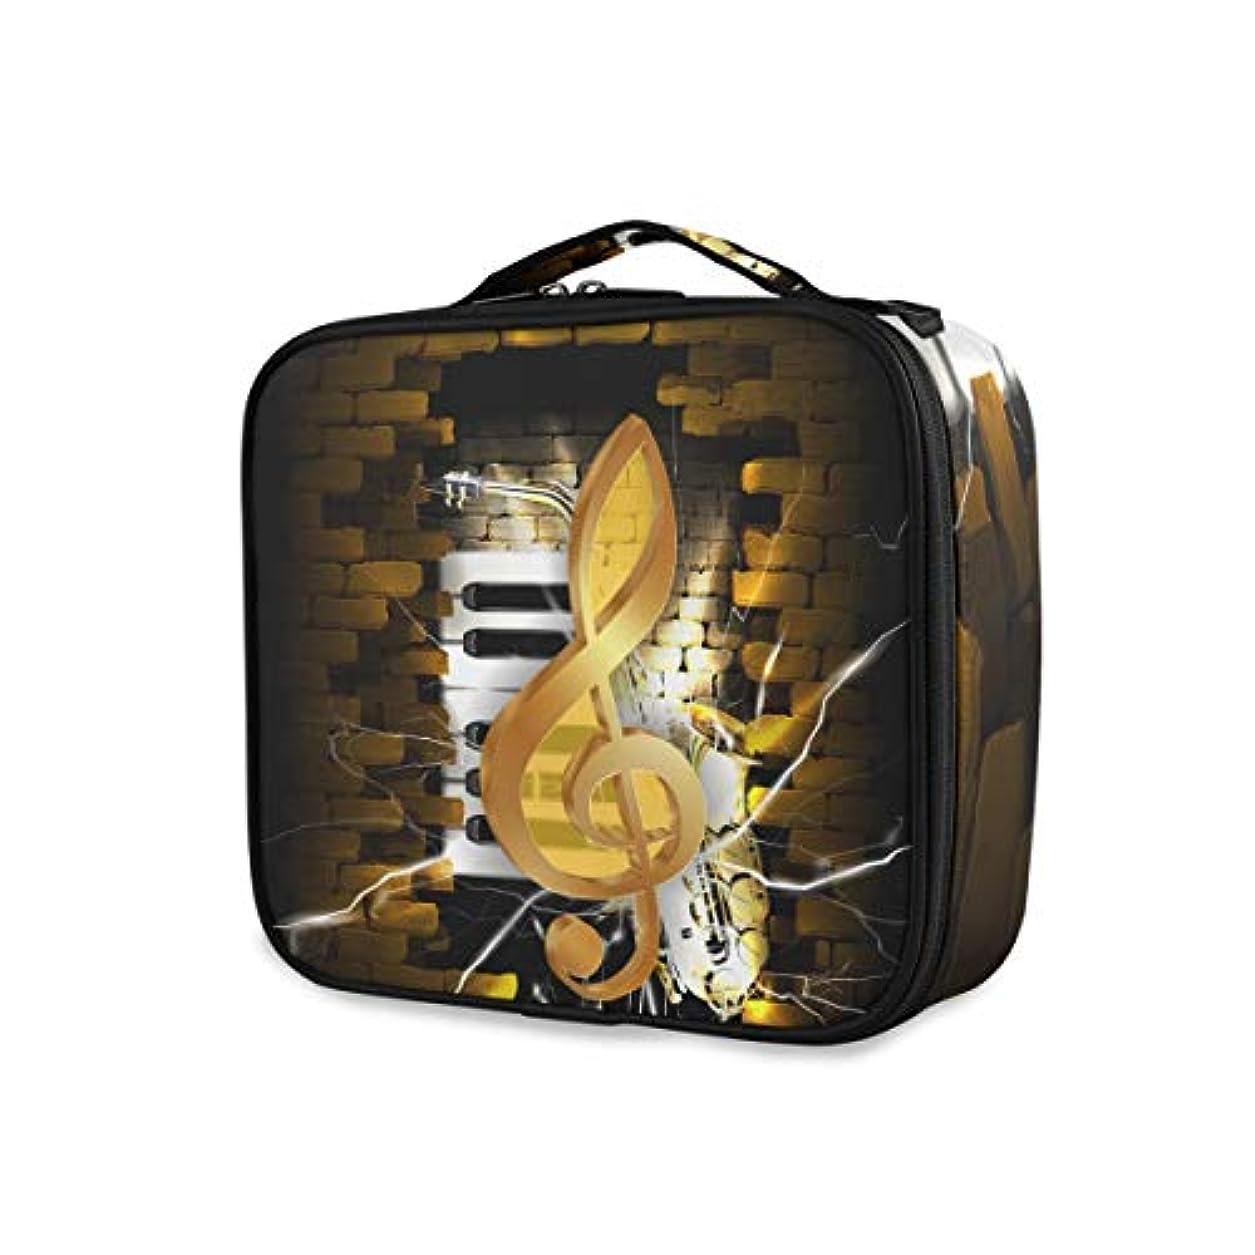 未就学気怠いおいしいKAPANOU プロ用 メイクボックス レンガの壁とサックスのピアノのキーの背景に金色のト音記号 多機能 高品質 美容師 マニキュリスト 刺青師 専用 化粧ボックス メイクアップアーティスト 収納ケース メイクブラシ 化粧道具...